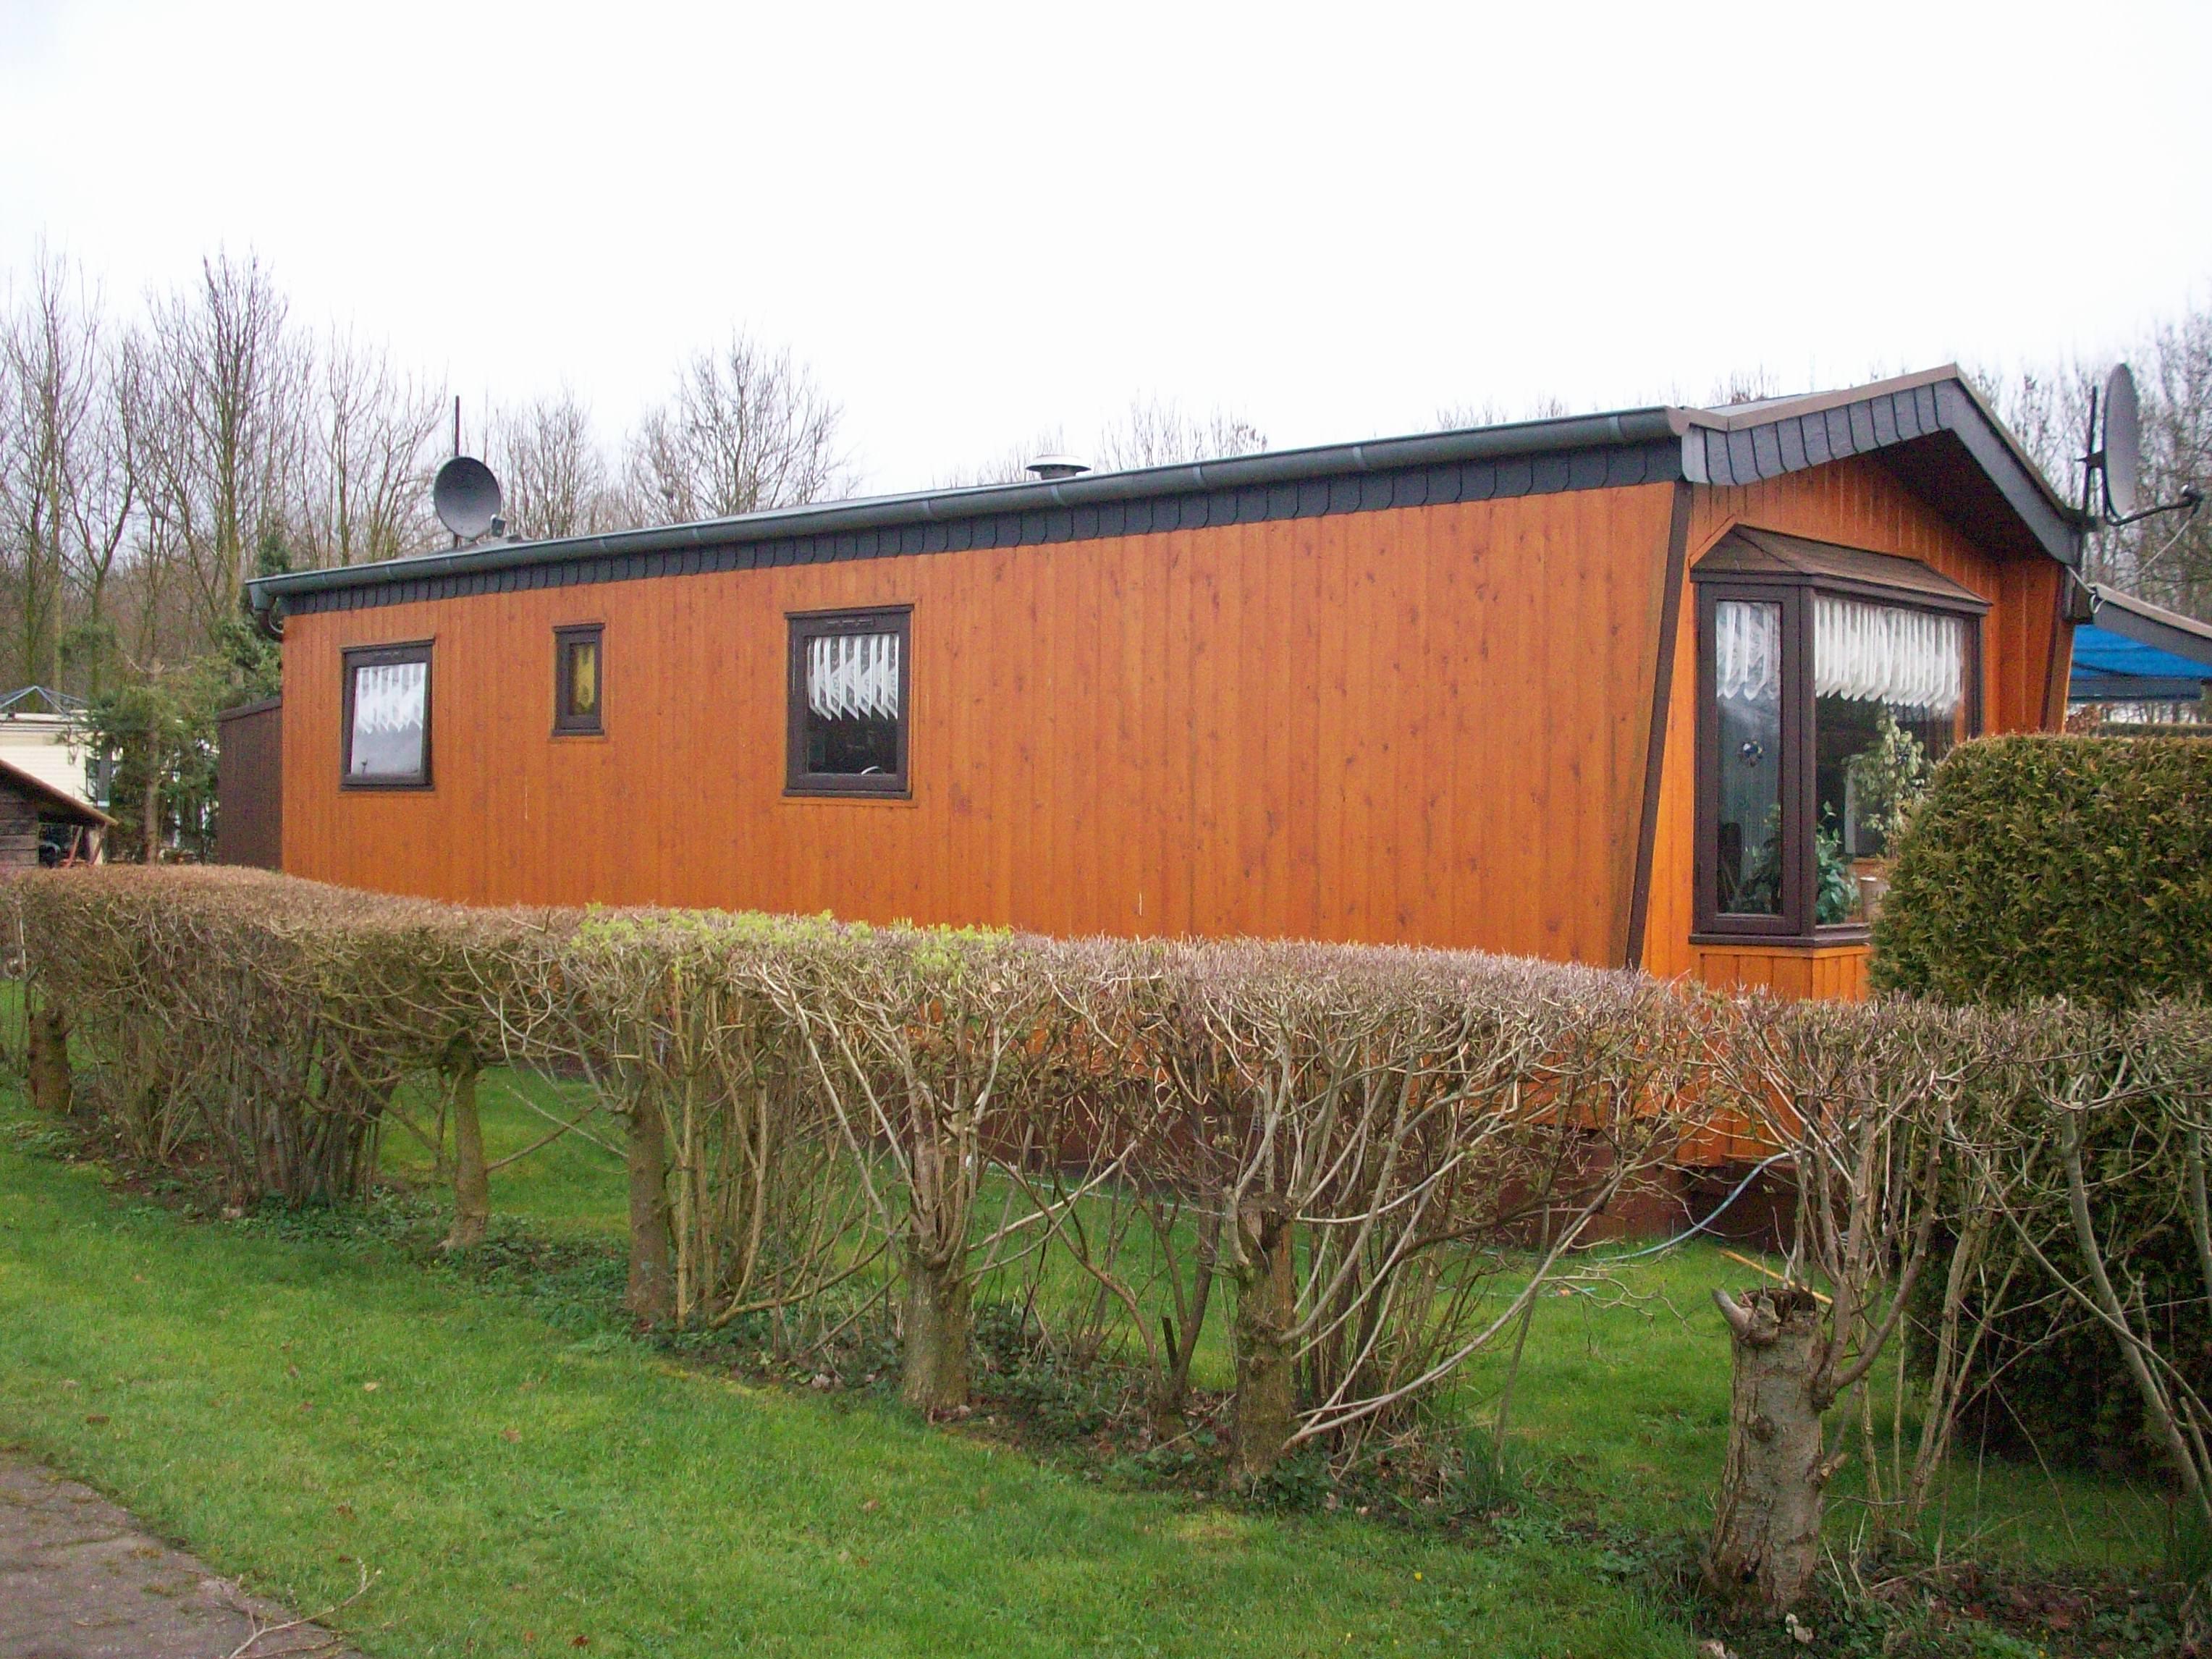 Mobilheim Kaufen Ijsselstrand : Mobilheim kaufen ijsselstrand home camping ijsselstrand te koop